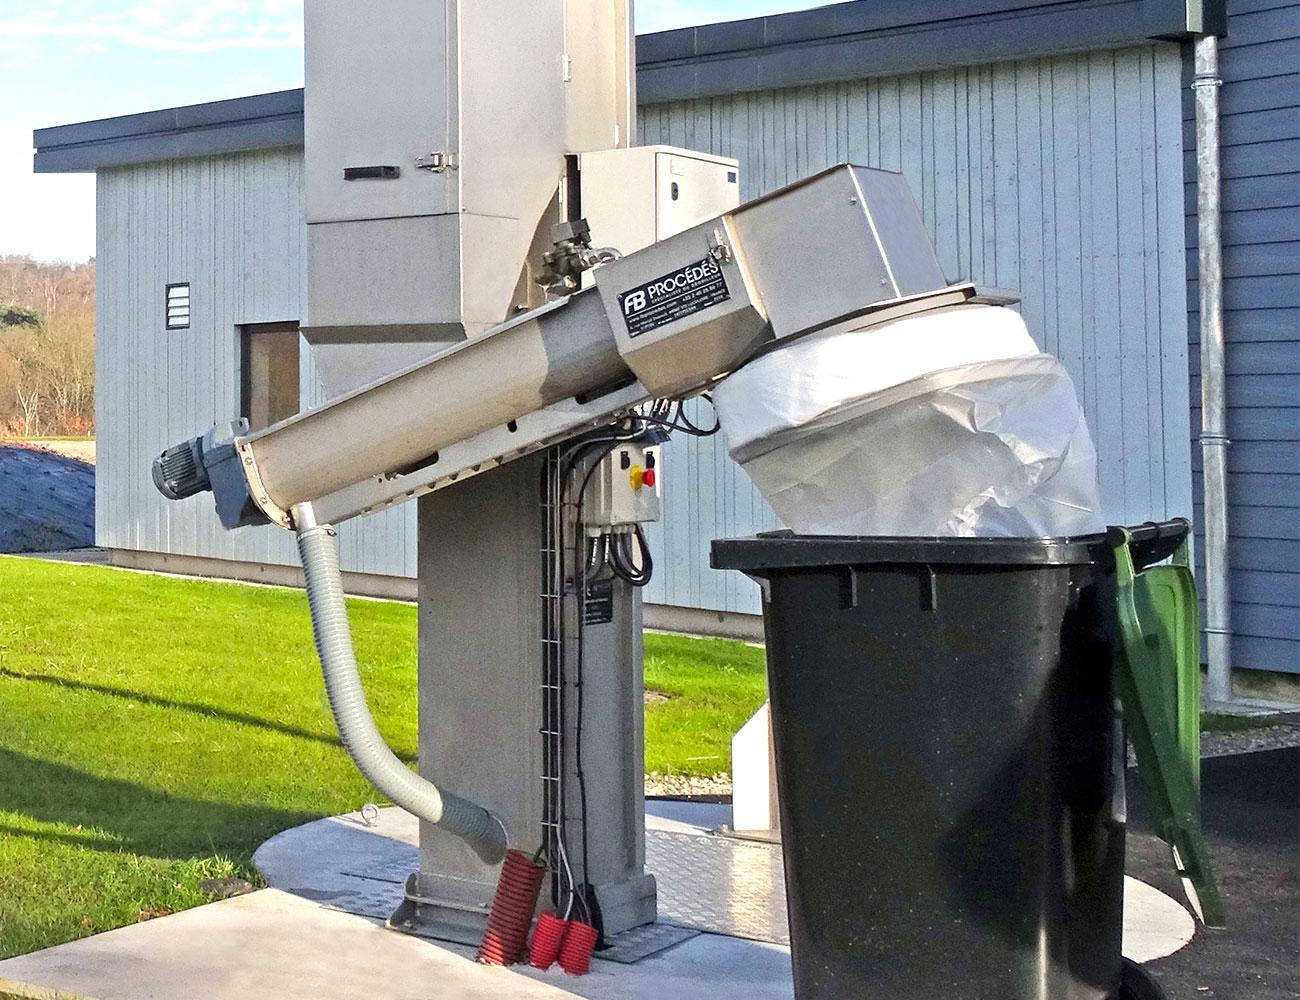 vis de compactage avec ensacheur automatique